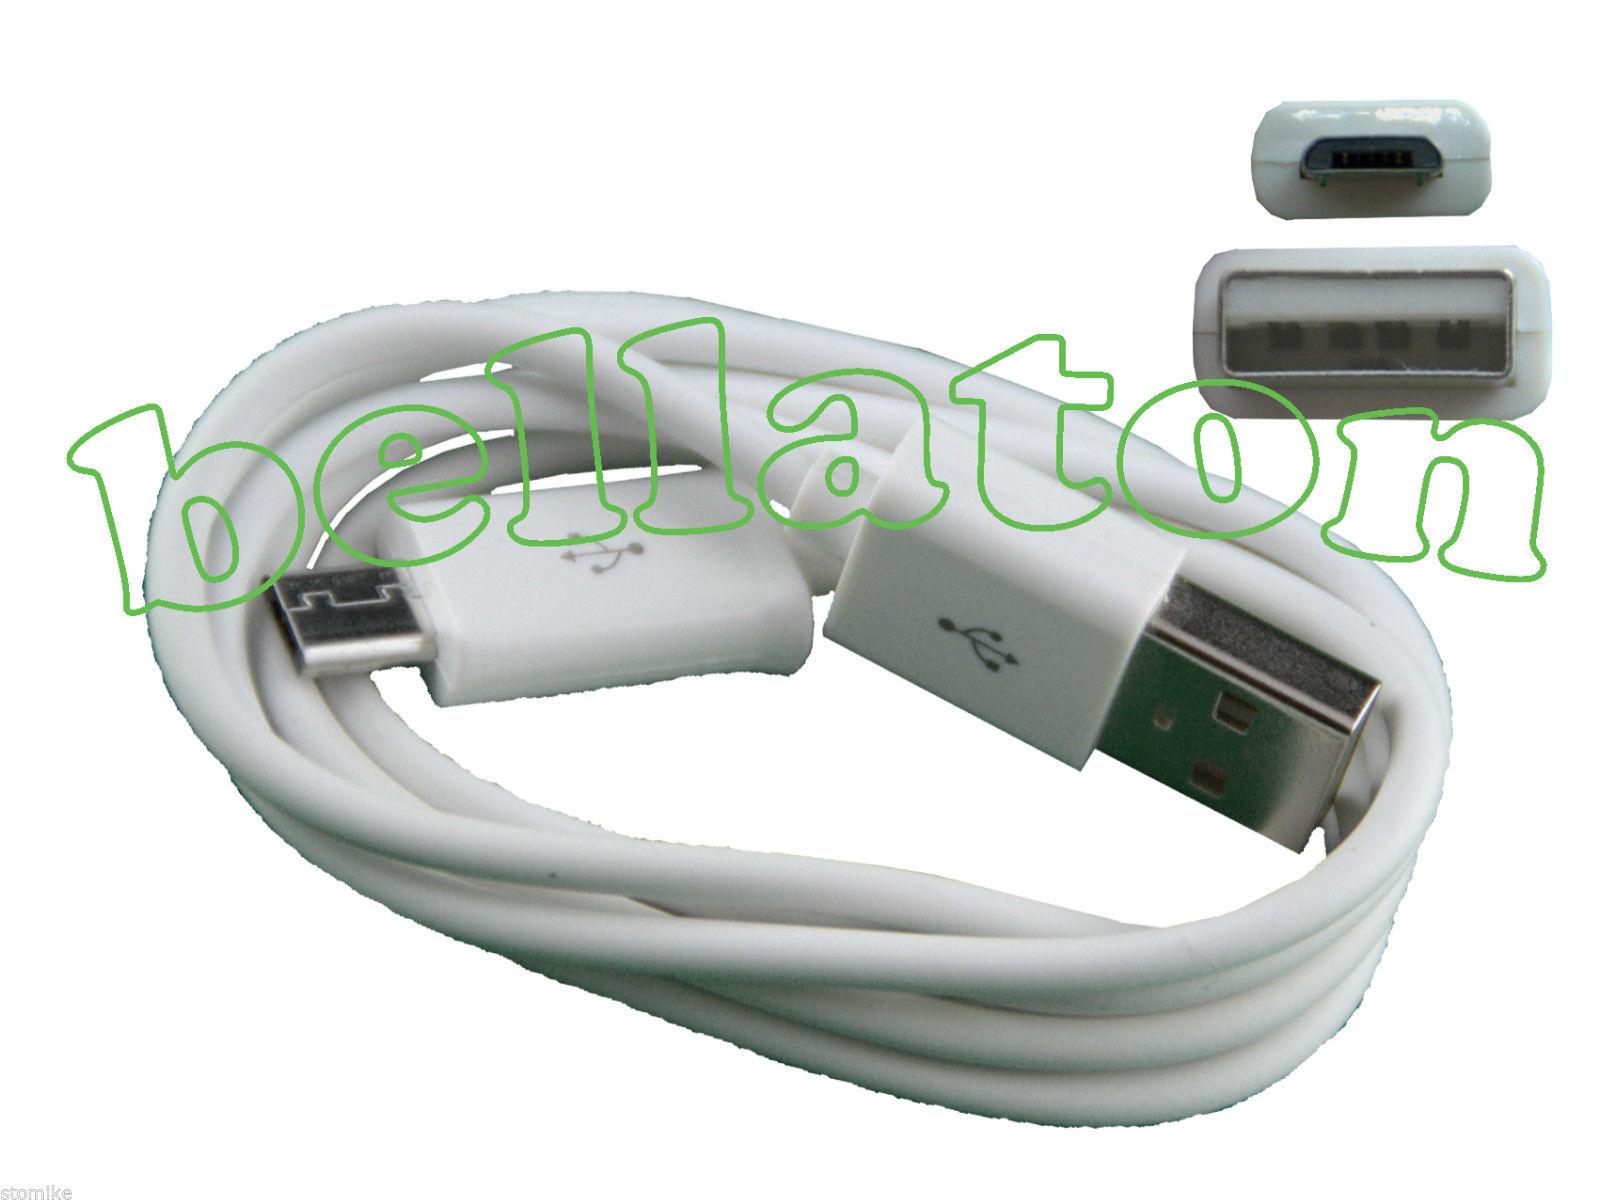 bellaton - USB-Ladekabel für Samsung